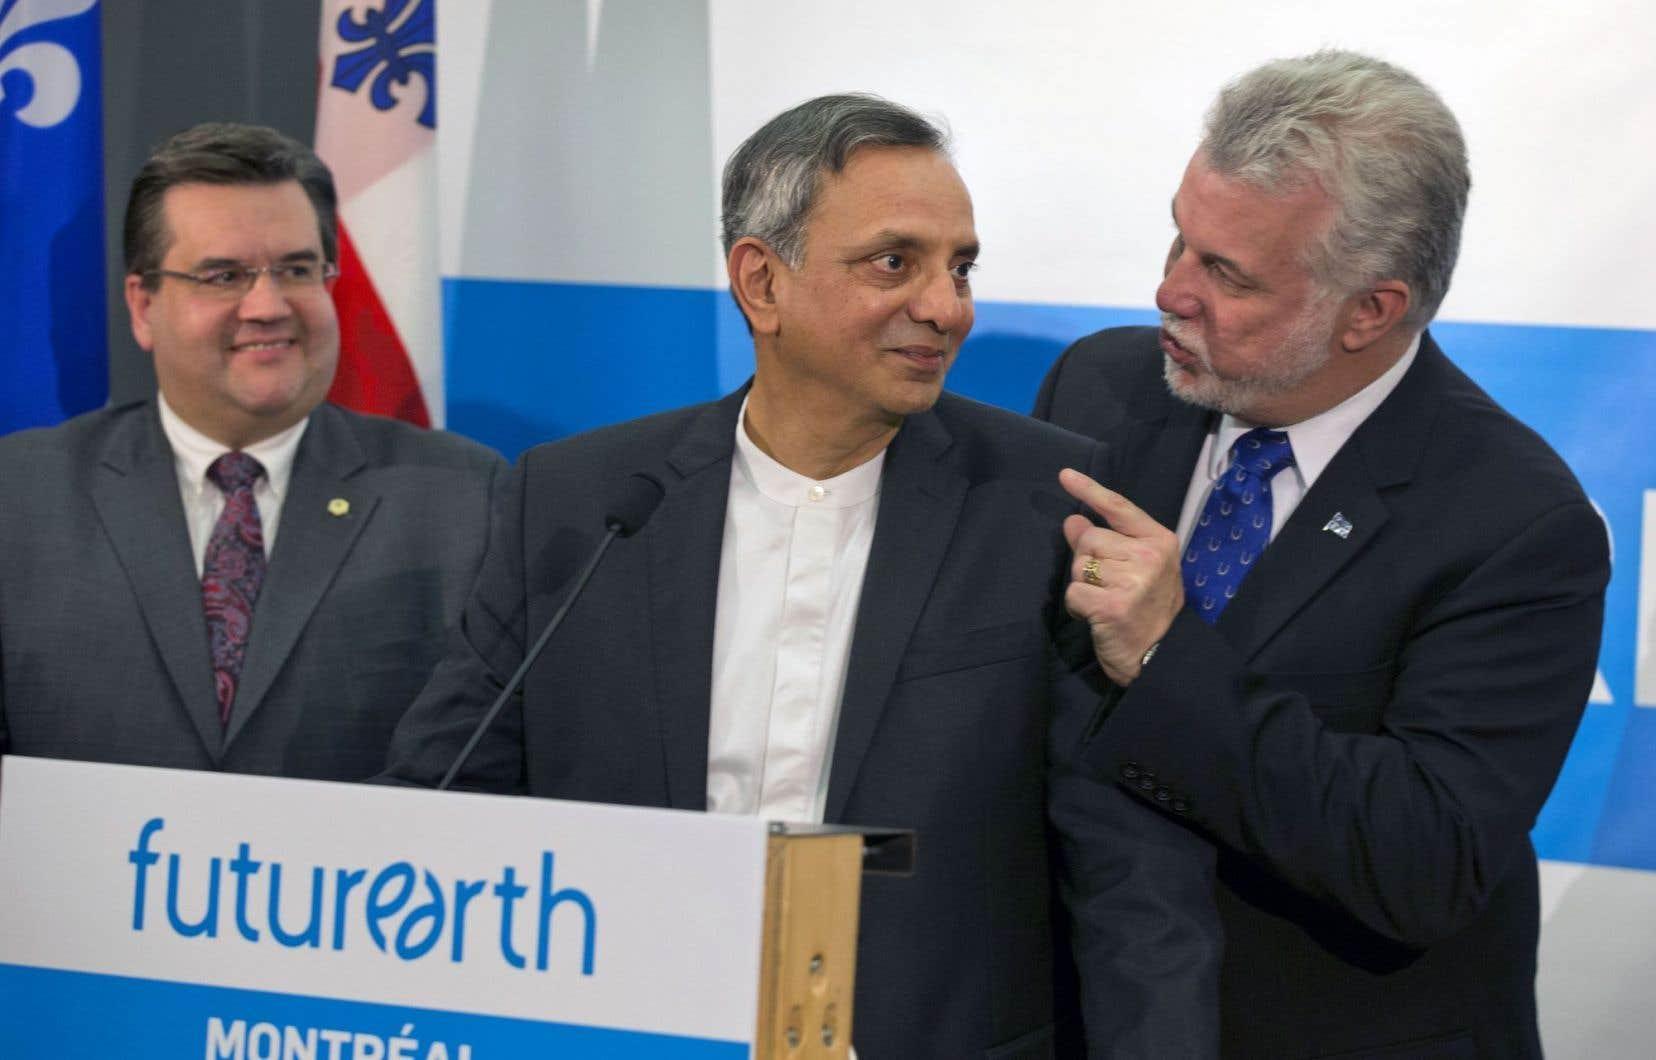 Le maire de Montréal, Denis Coderre,le chercheur Paul Shrivastava de l'Université Concordia, et le premier ministre du Québec, Philippe Couillard